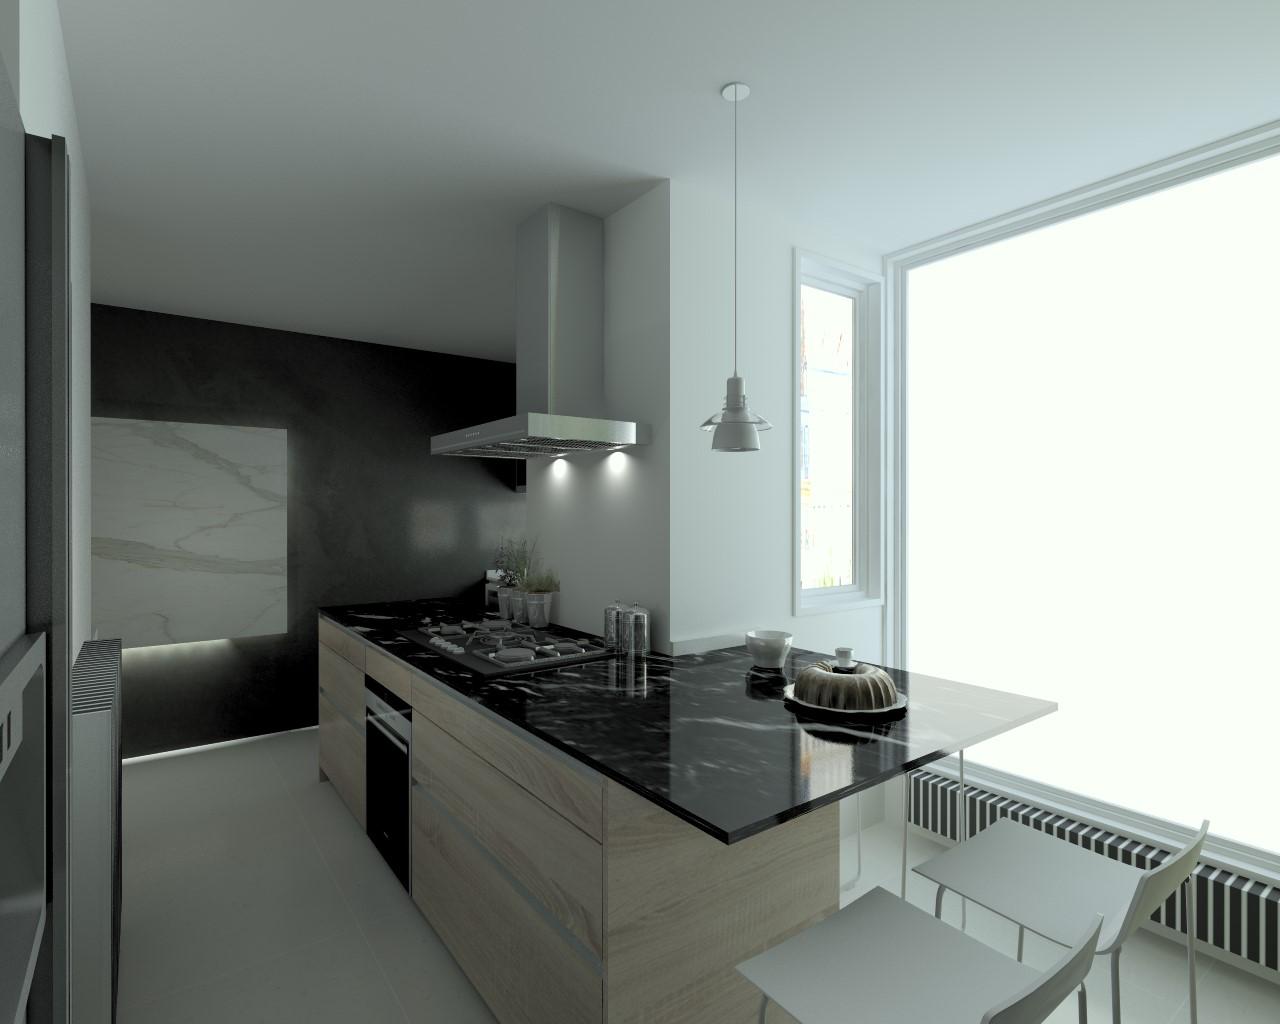 Cocina santos modelo line laminado seda blanco encimera m rmol carrara y granito titanium - Encimeras de marmol para cocinas ...